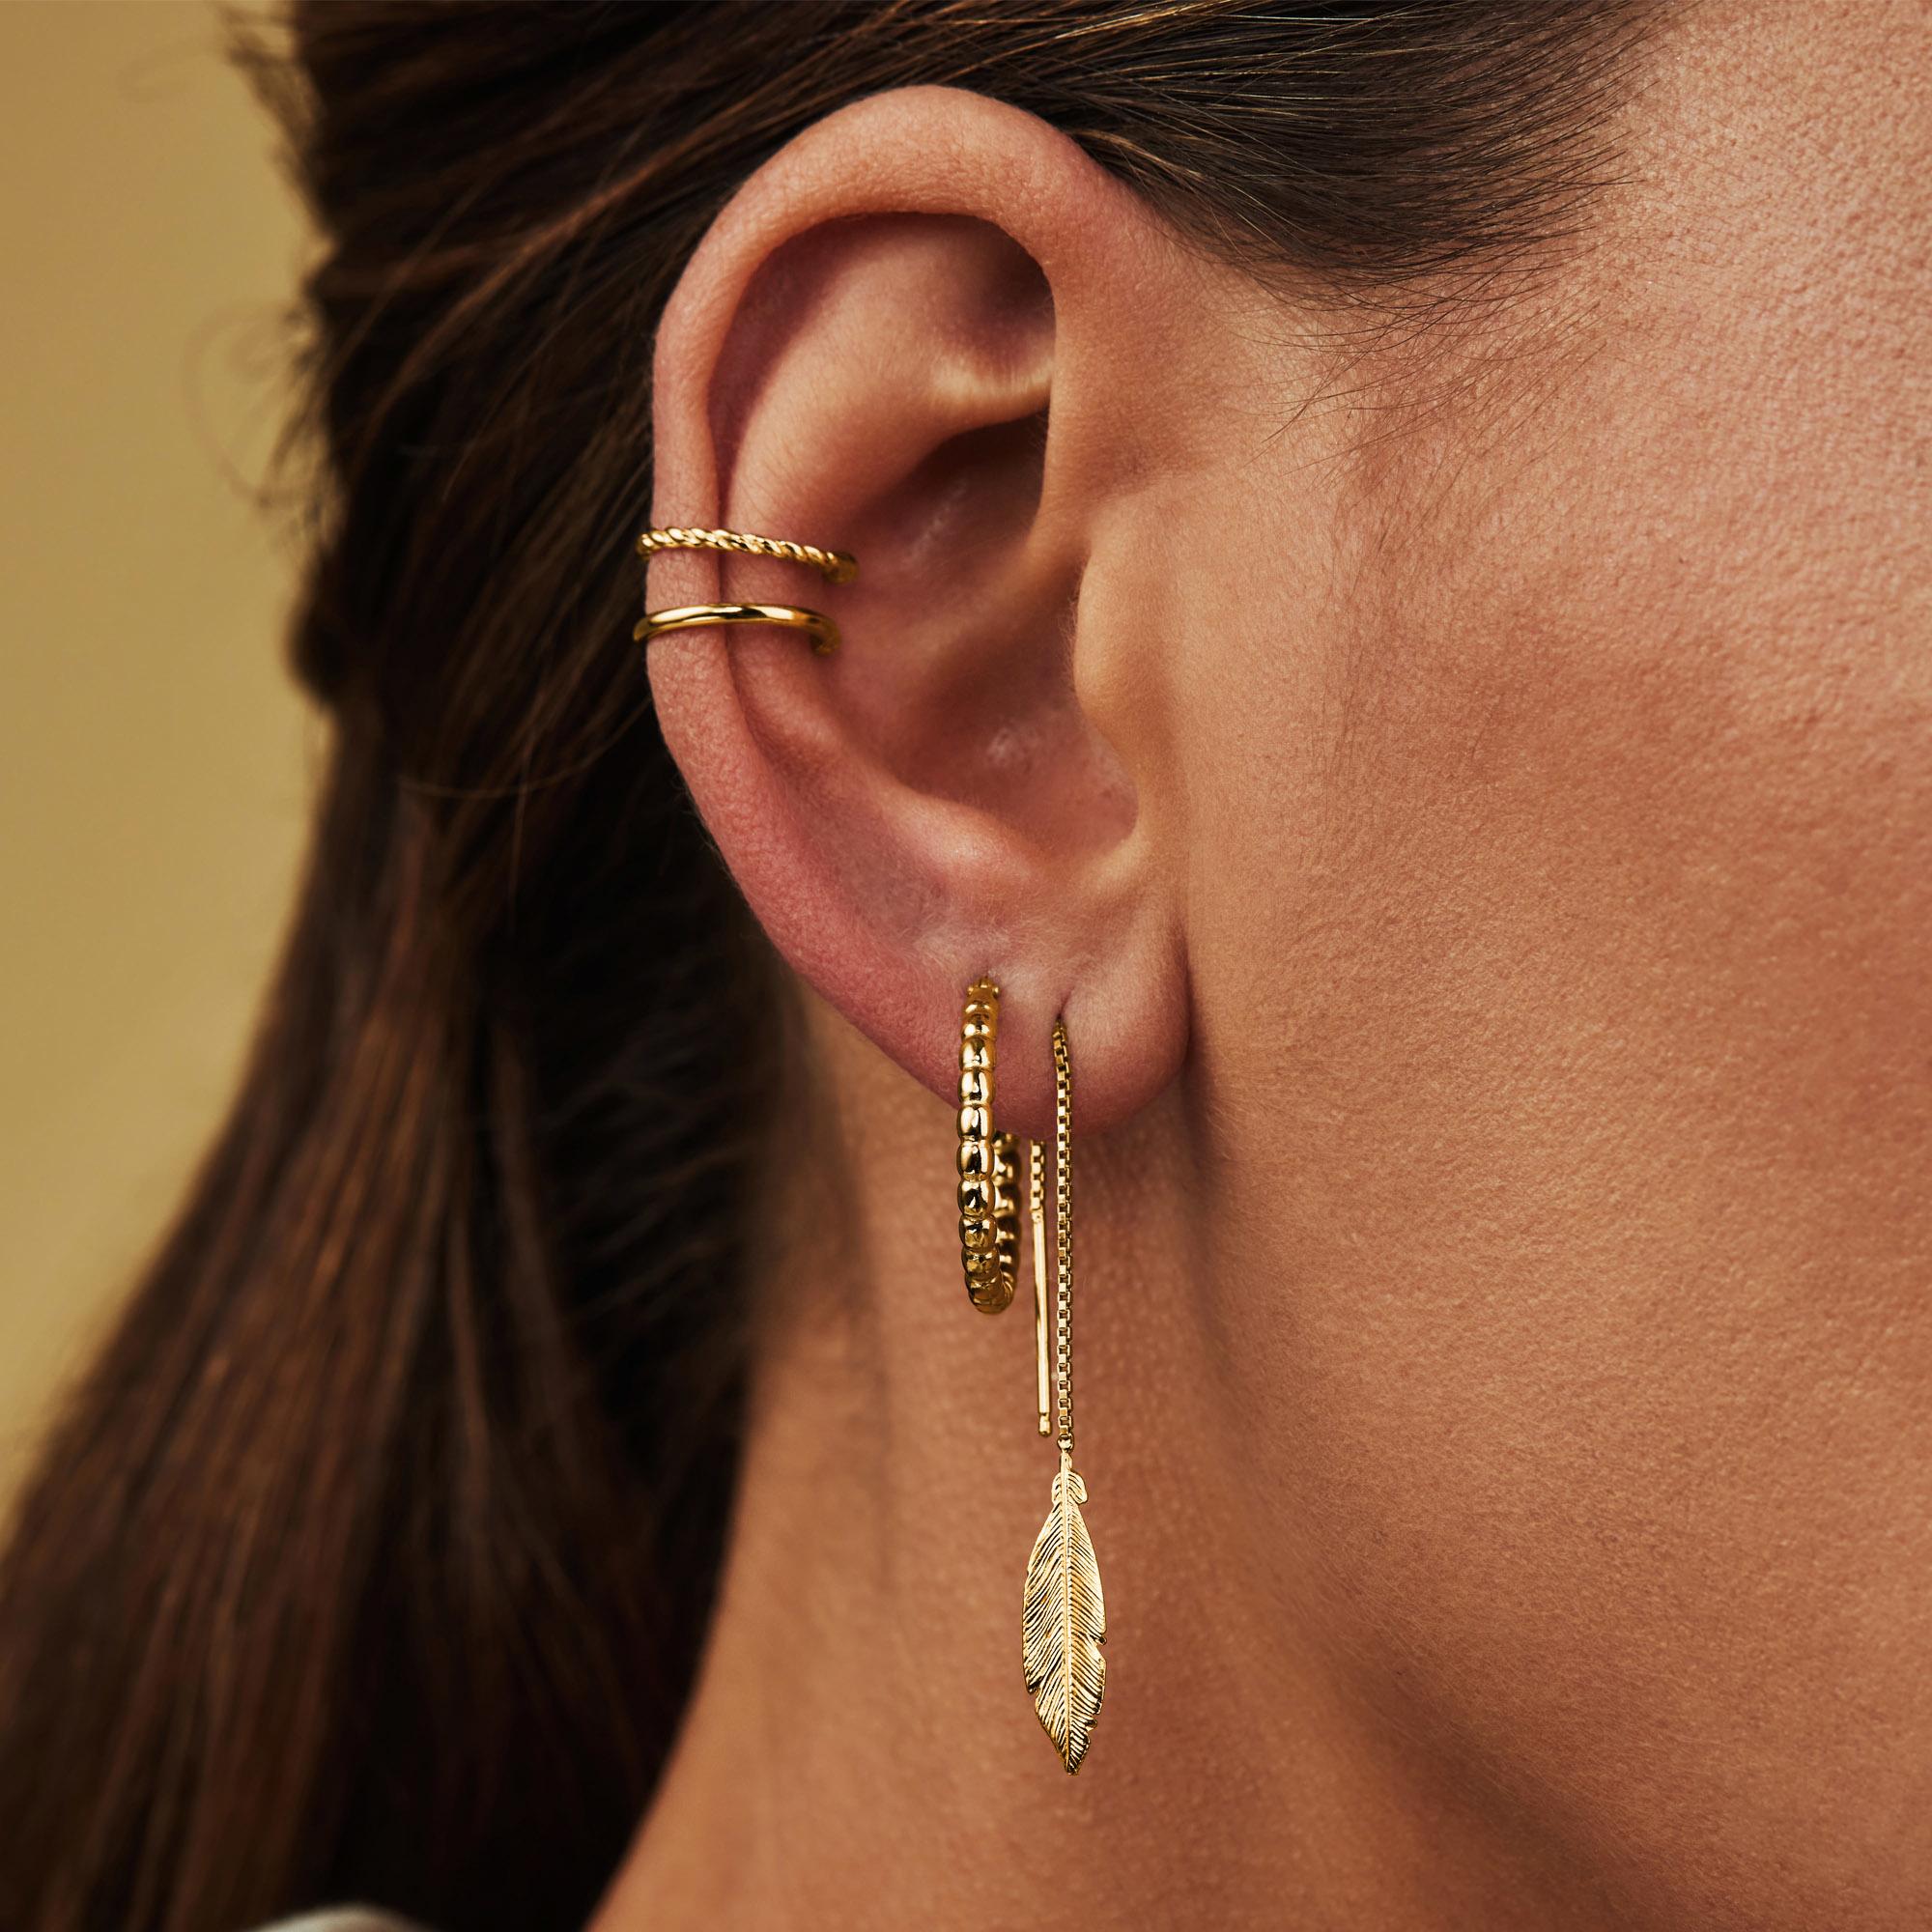 Selected Jewels Julie Lucie 925 sterling silver guldfärgad örhängen